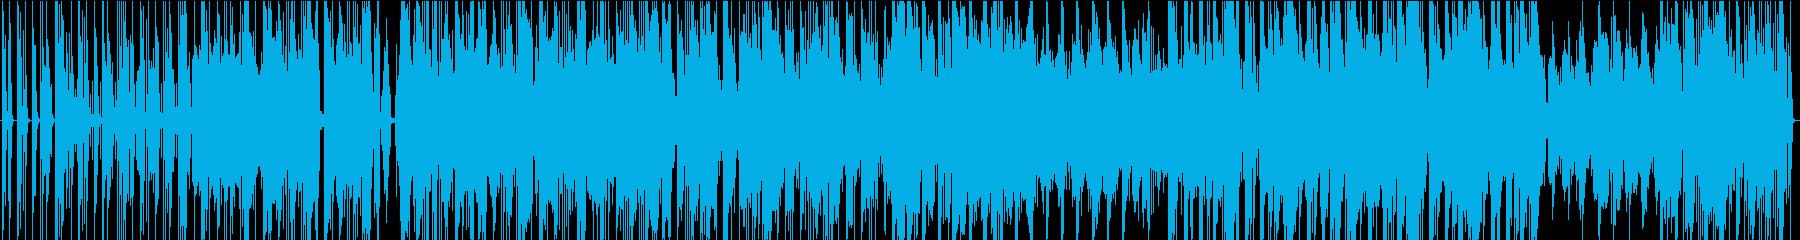 エッジの効いた機械サウンドの再生済みの波形